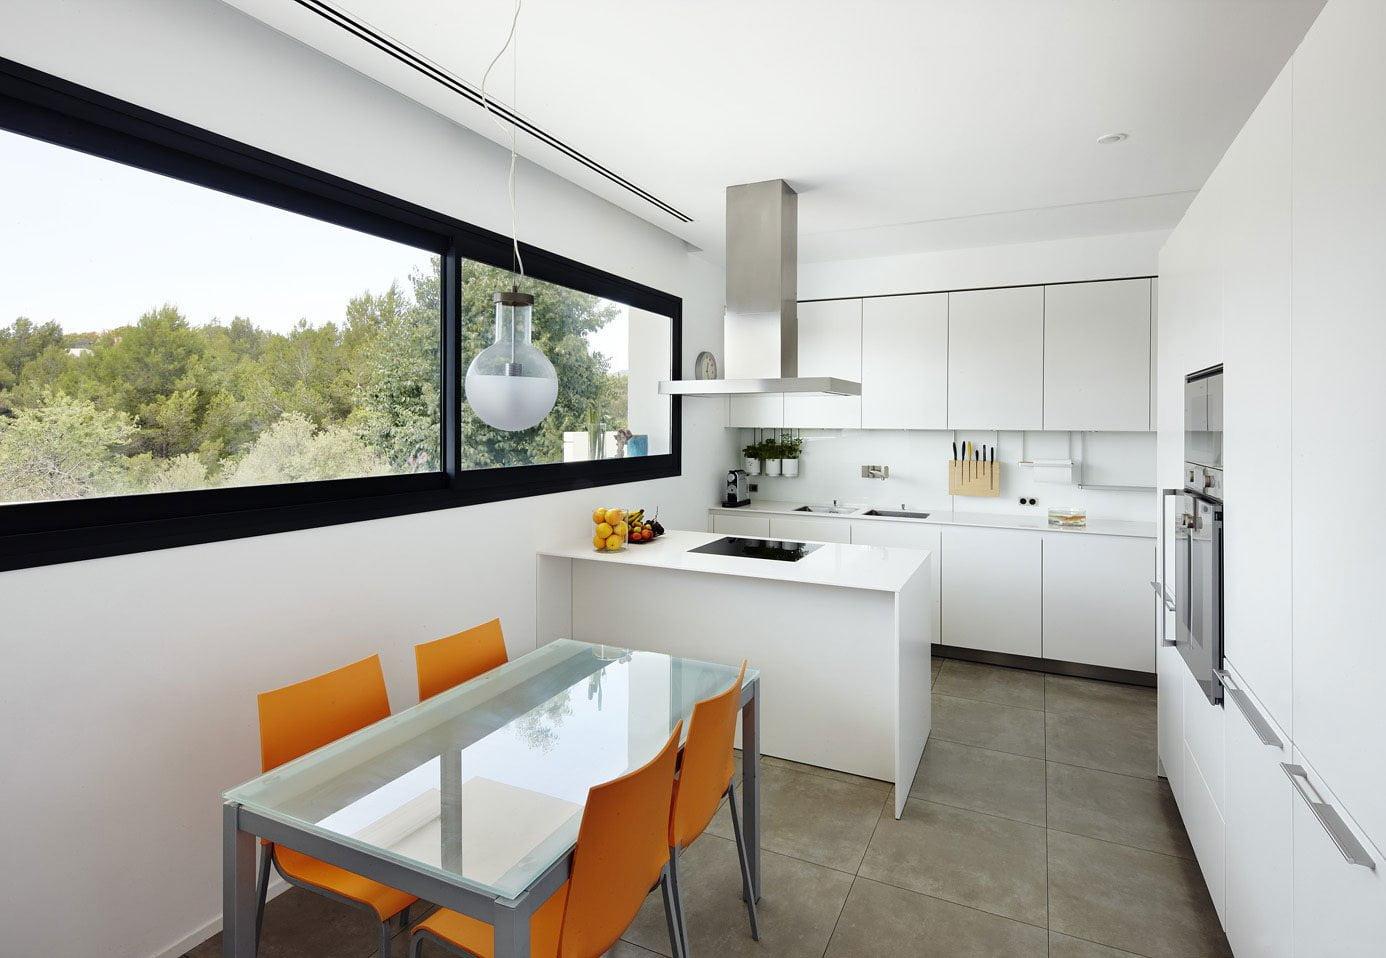 Diseño-de-cocina-comedor-pequeño - Constructora Paramount